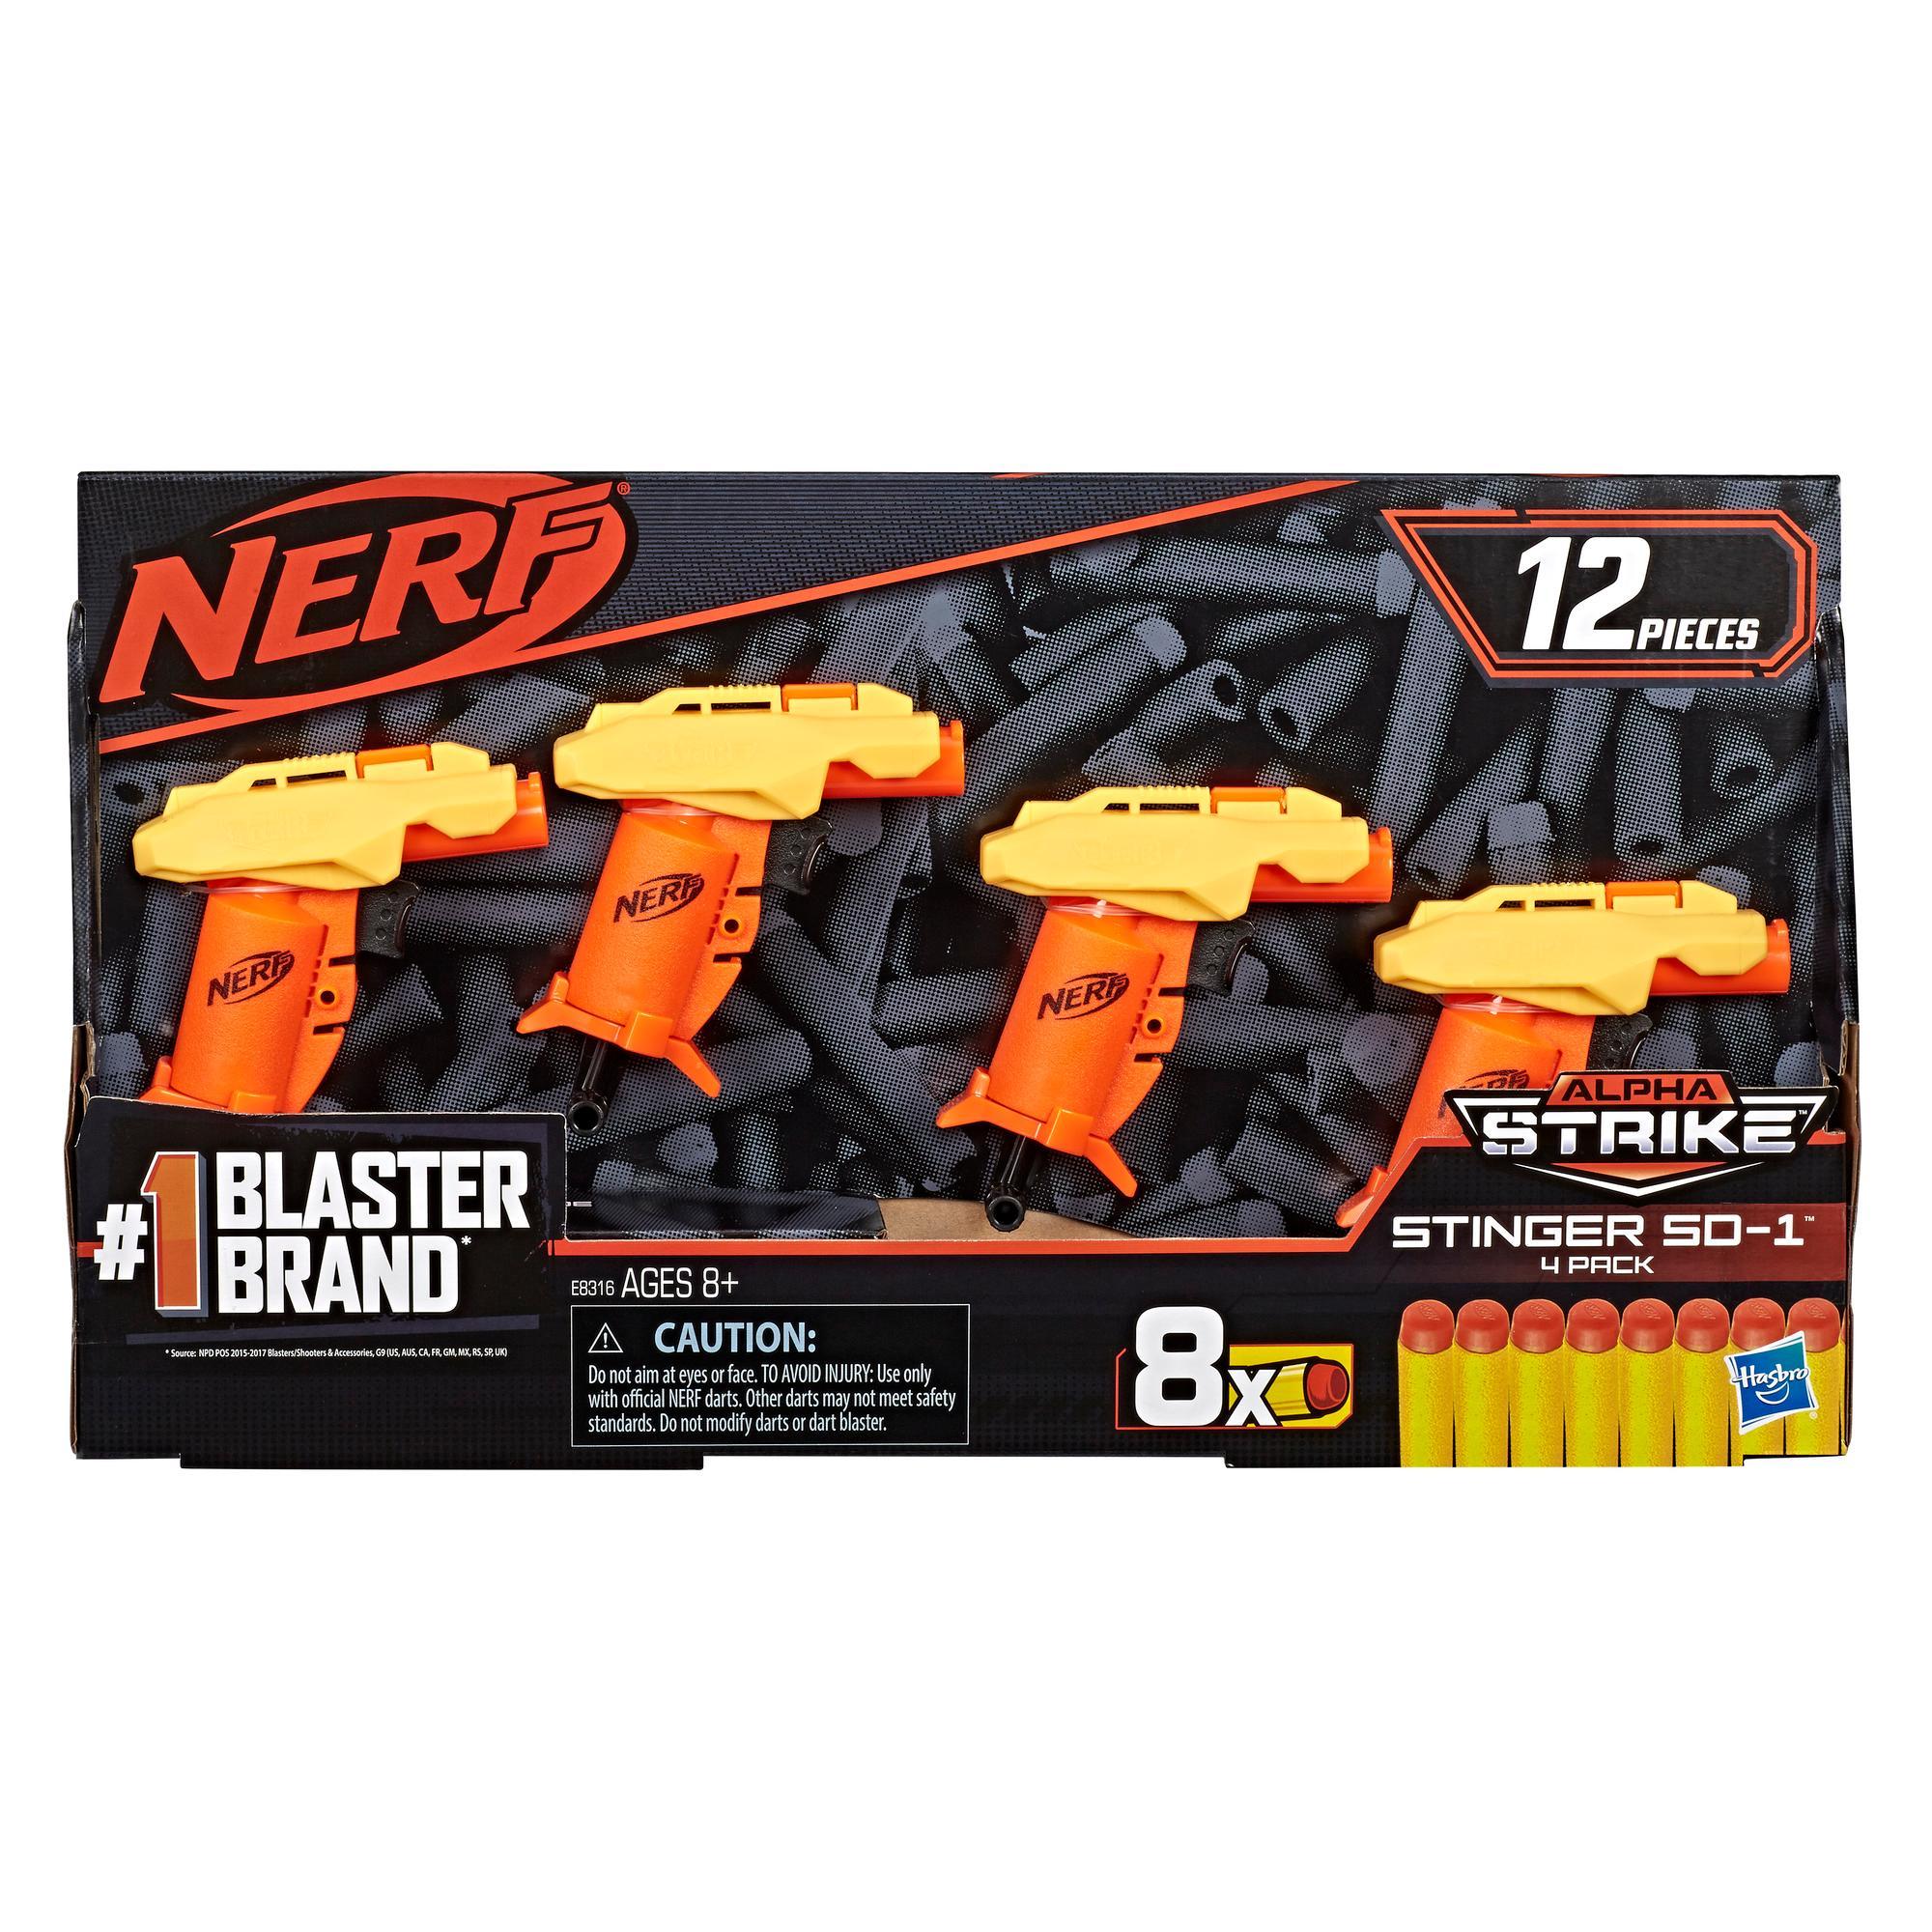 Nerf Alpha Strike Stinger SD-1 Blaster 4-Pack